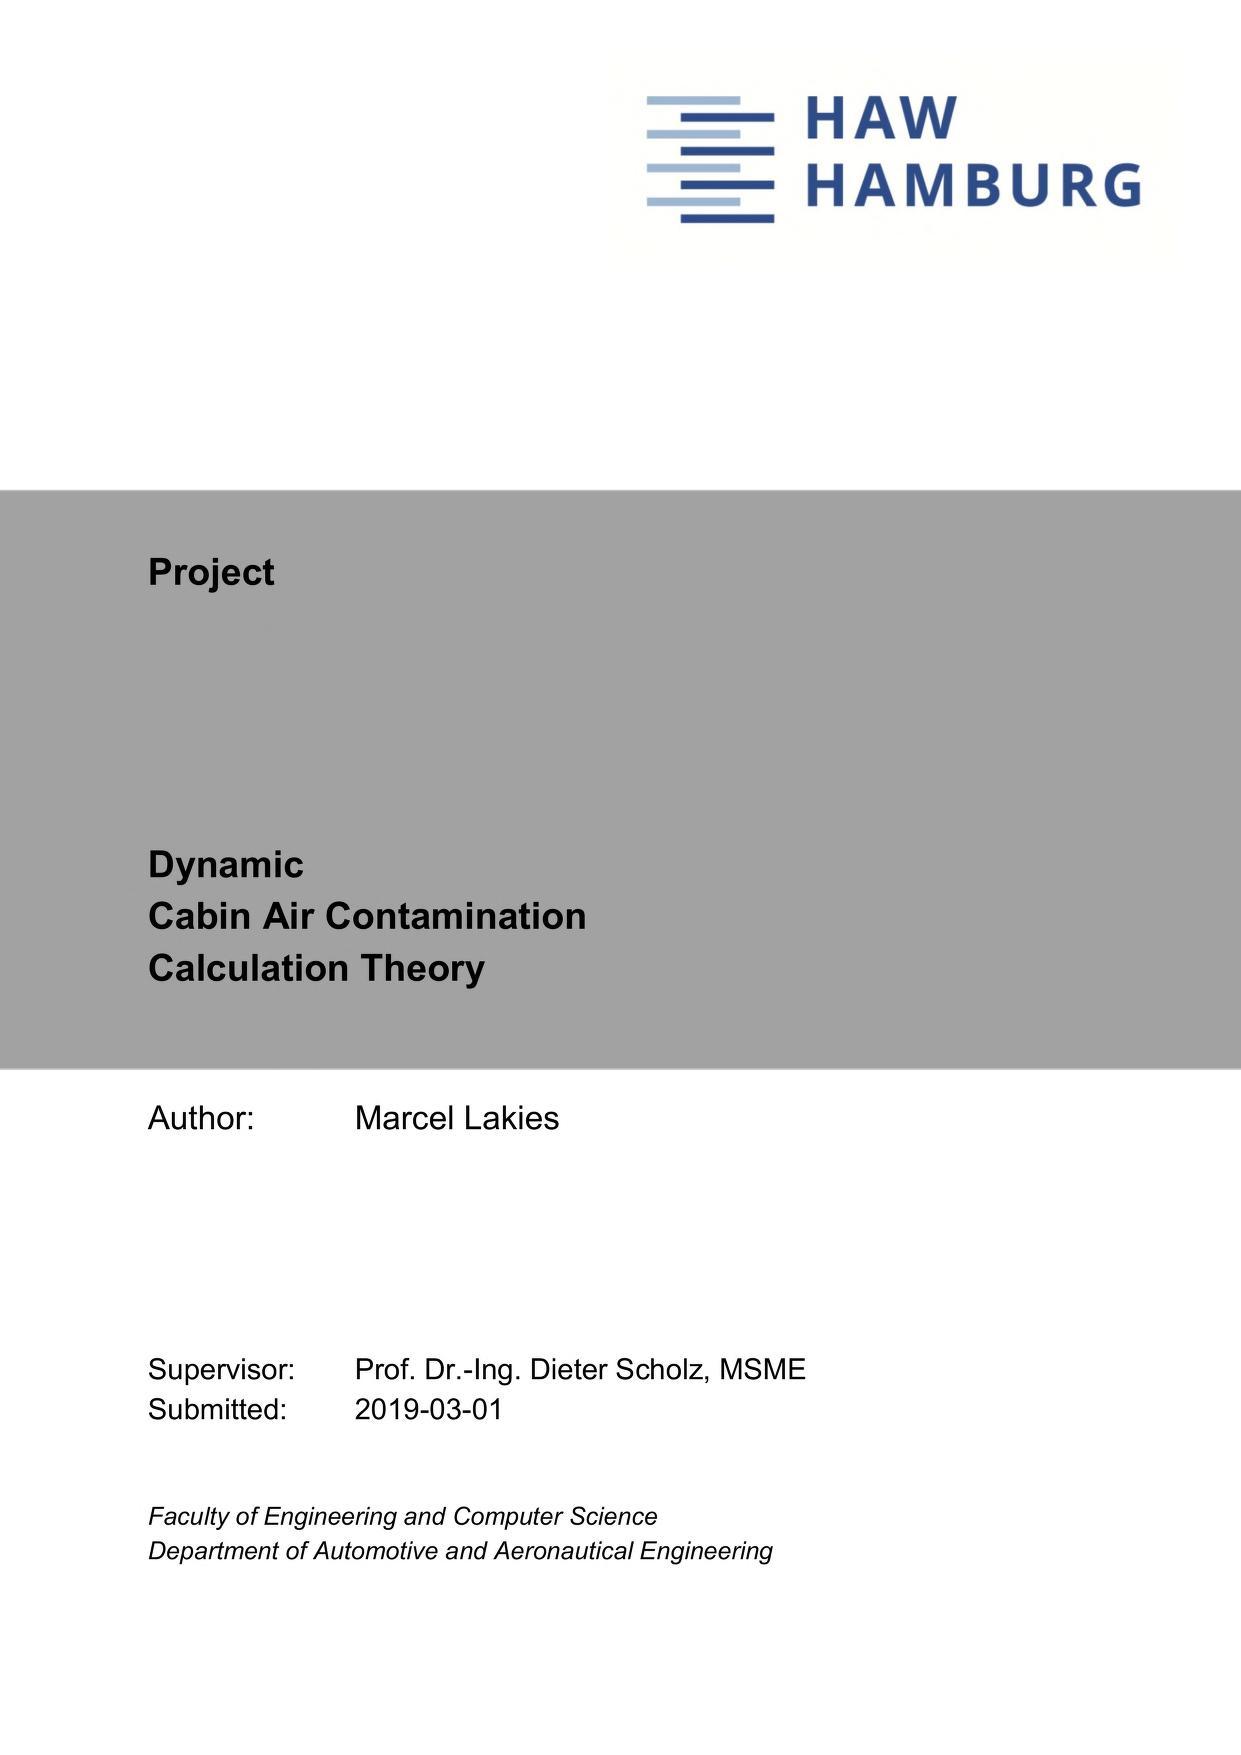 Thumbnail image ofDynamic Cabin Air Contamination Calculation Theory